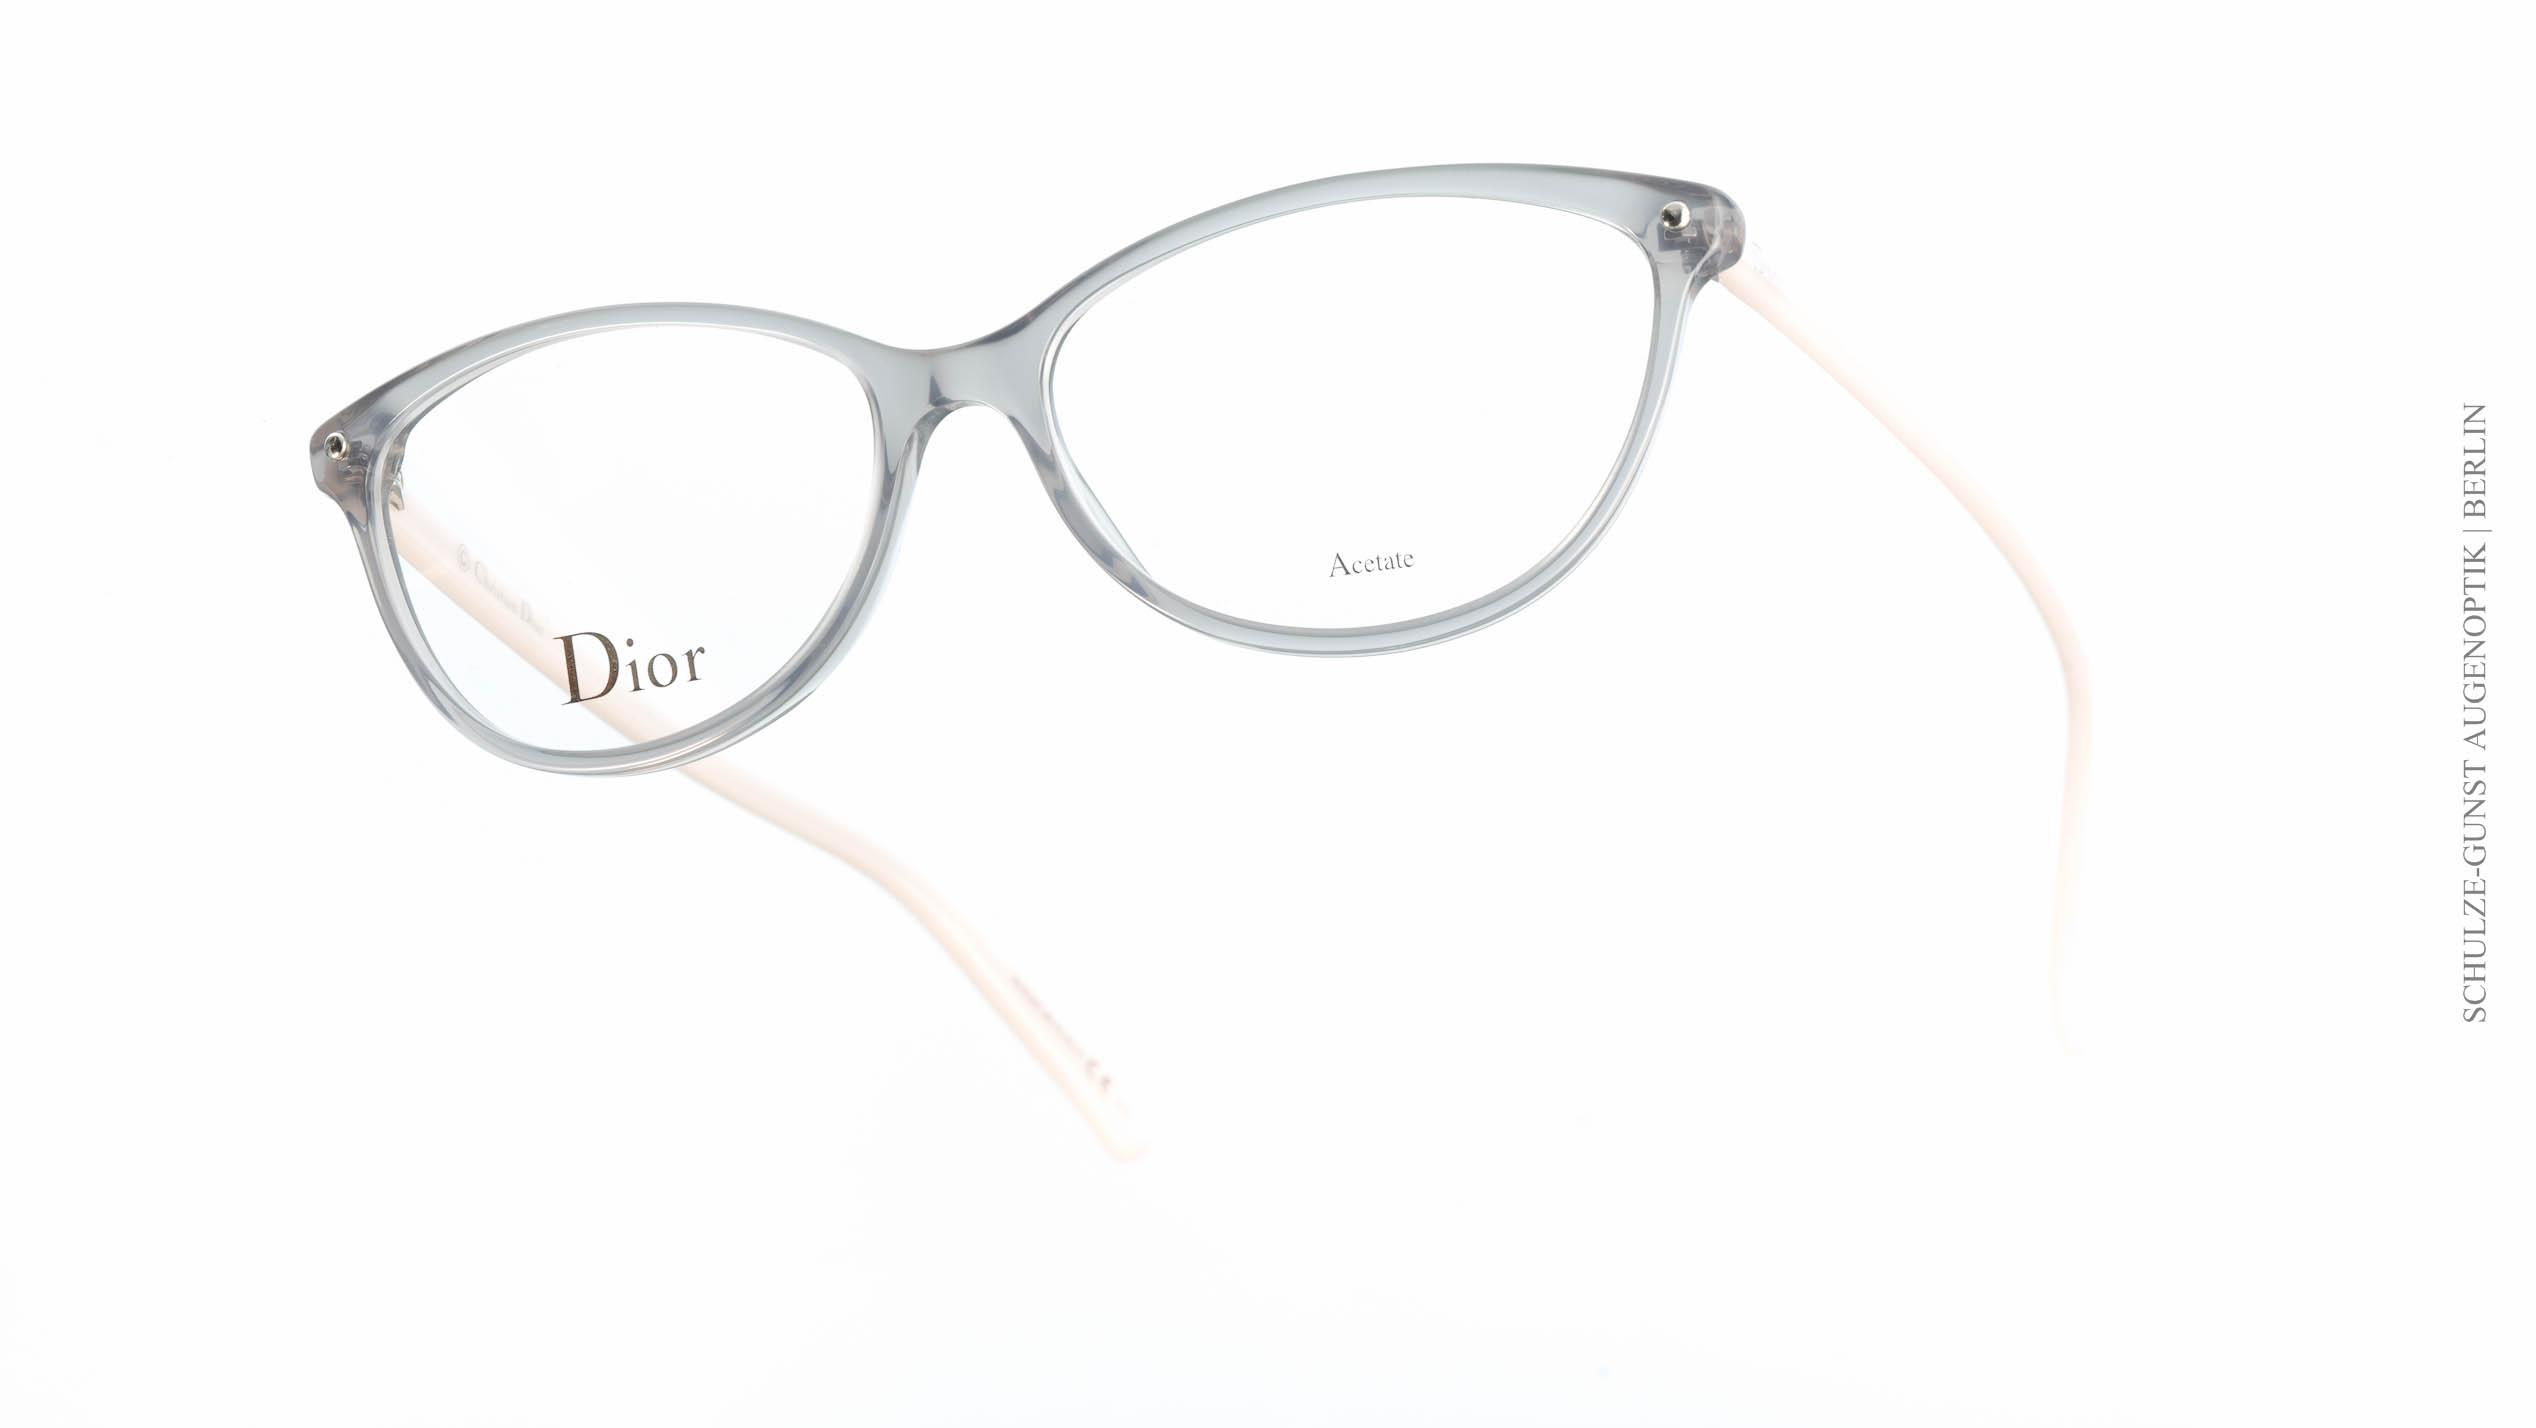 8042 – Dior / CD 3285 - SCHULZE-GUNST Augenoptik seit 1894